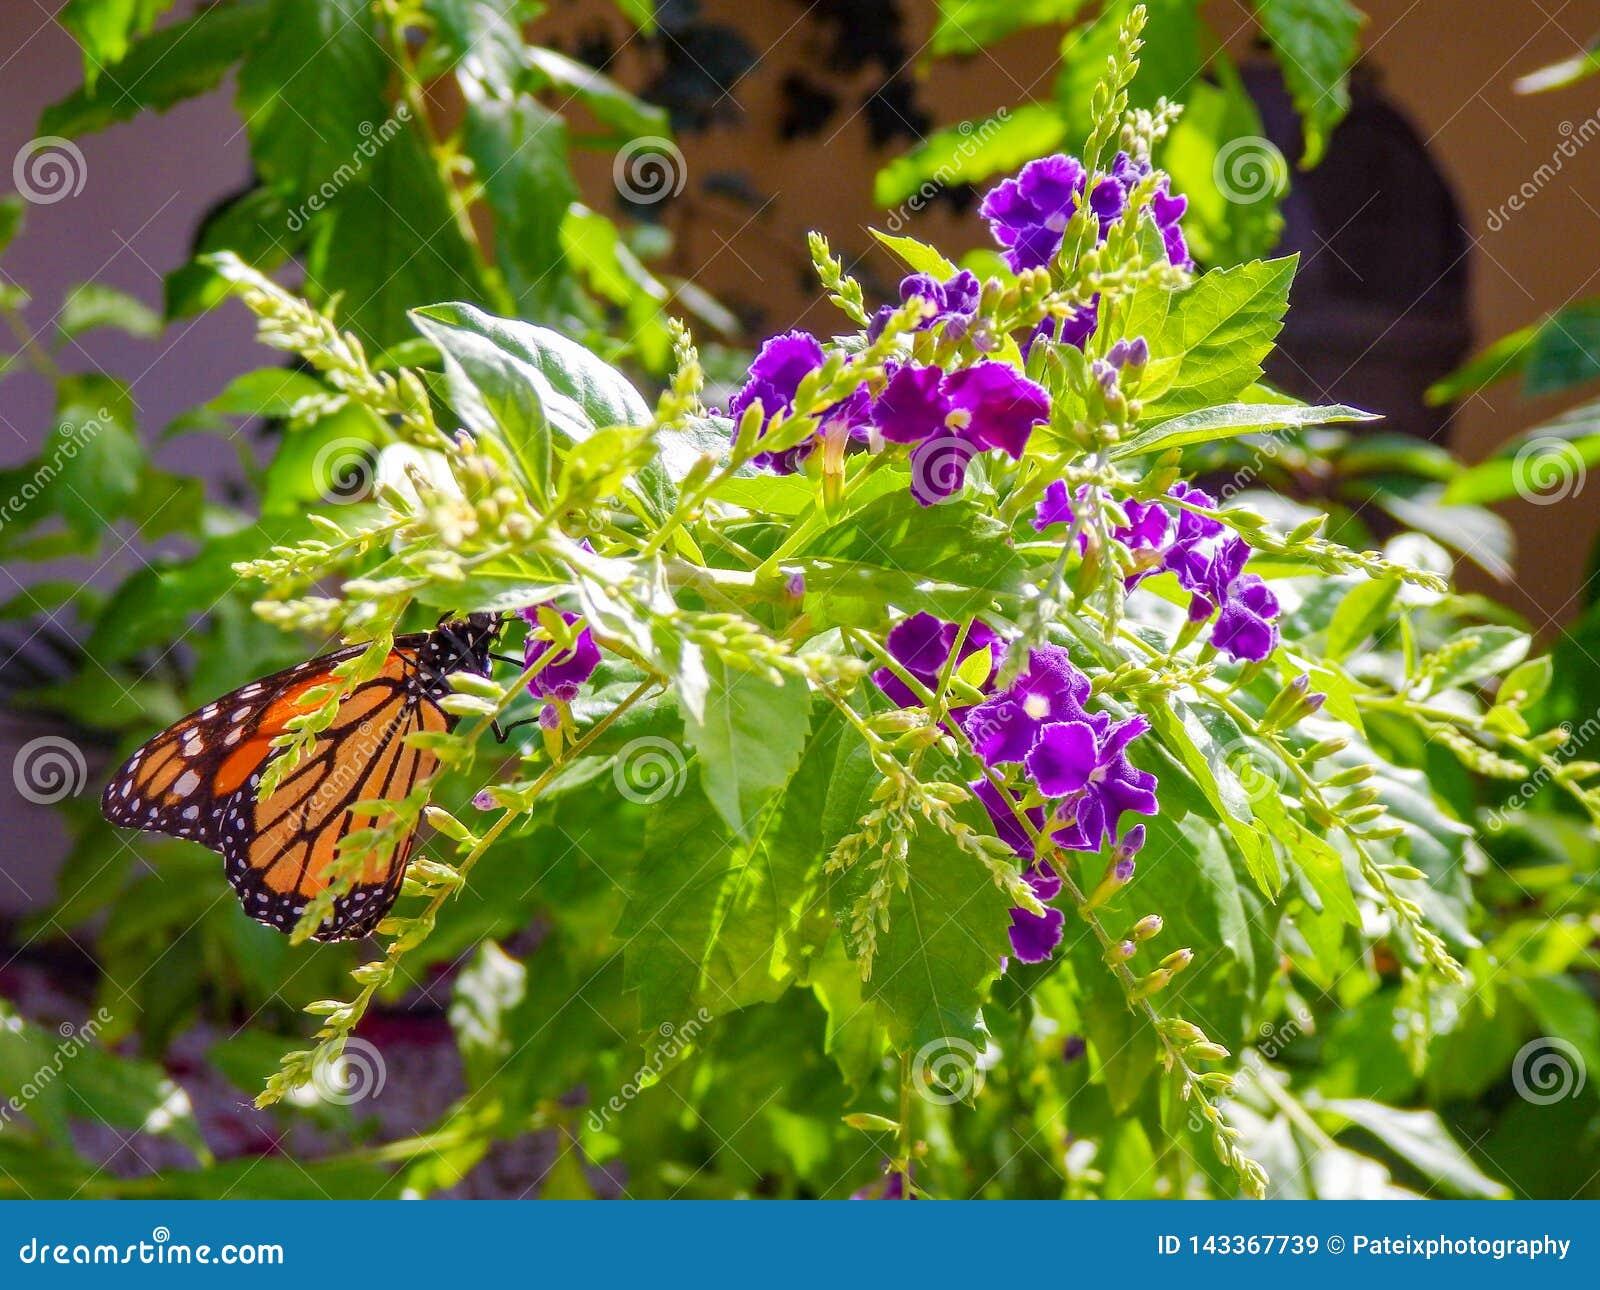 Черная и оранжевая бабочка монарха питаясь на пурпурном цветке Duranta